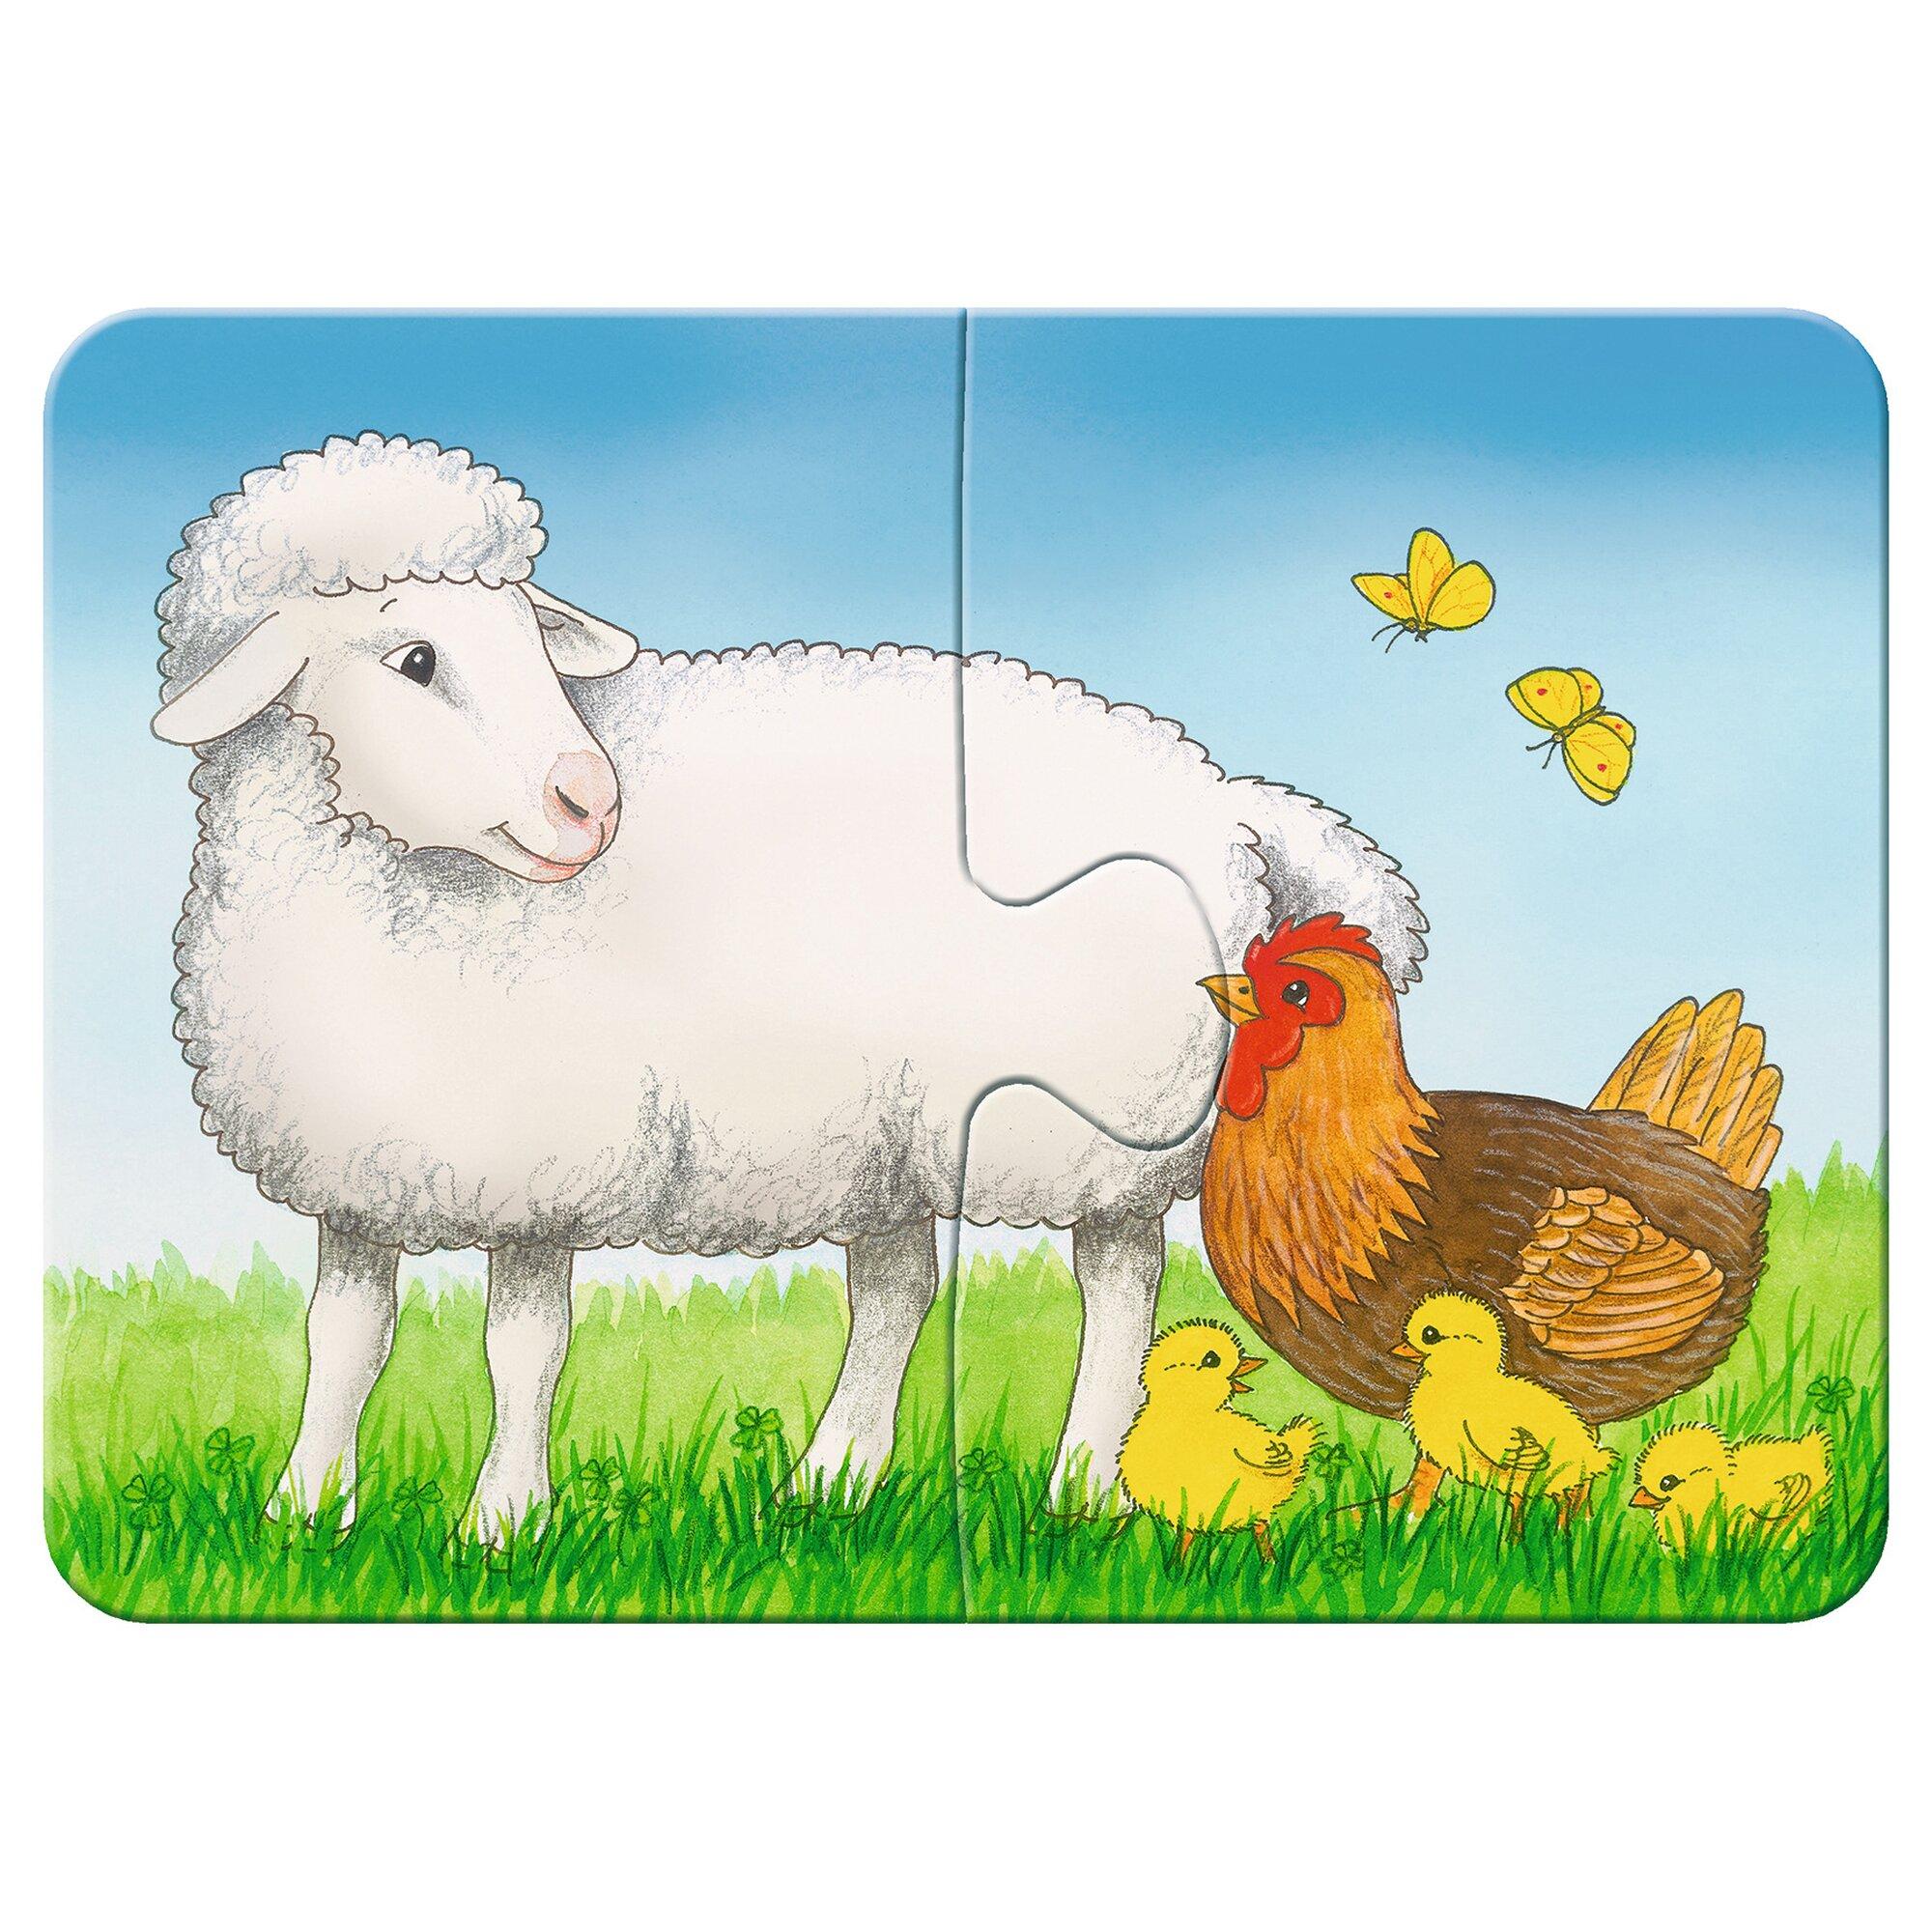 ravensburger-puzzle-8-teile-liebenswerte-bauernhoftiere